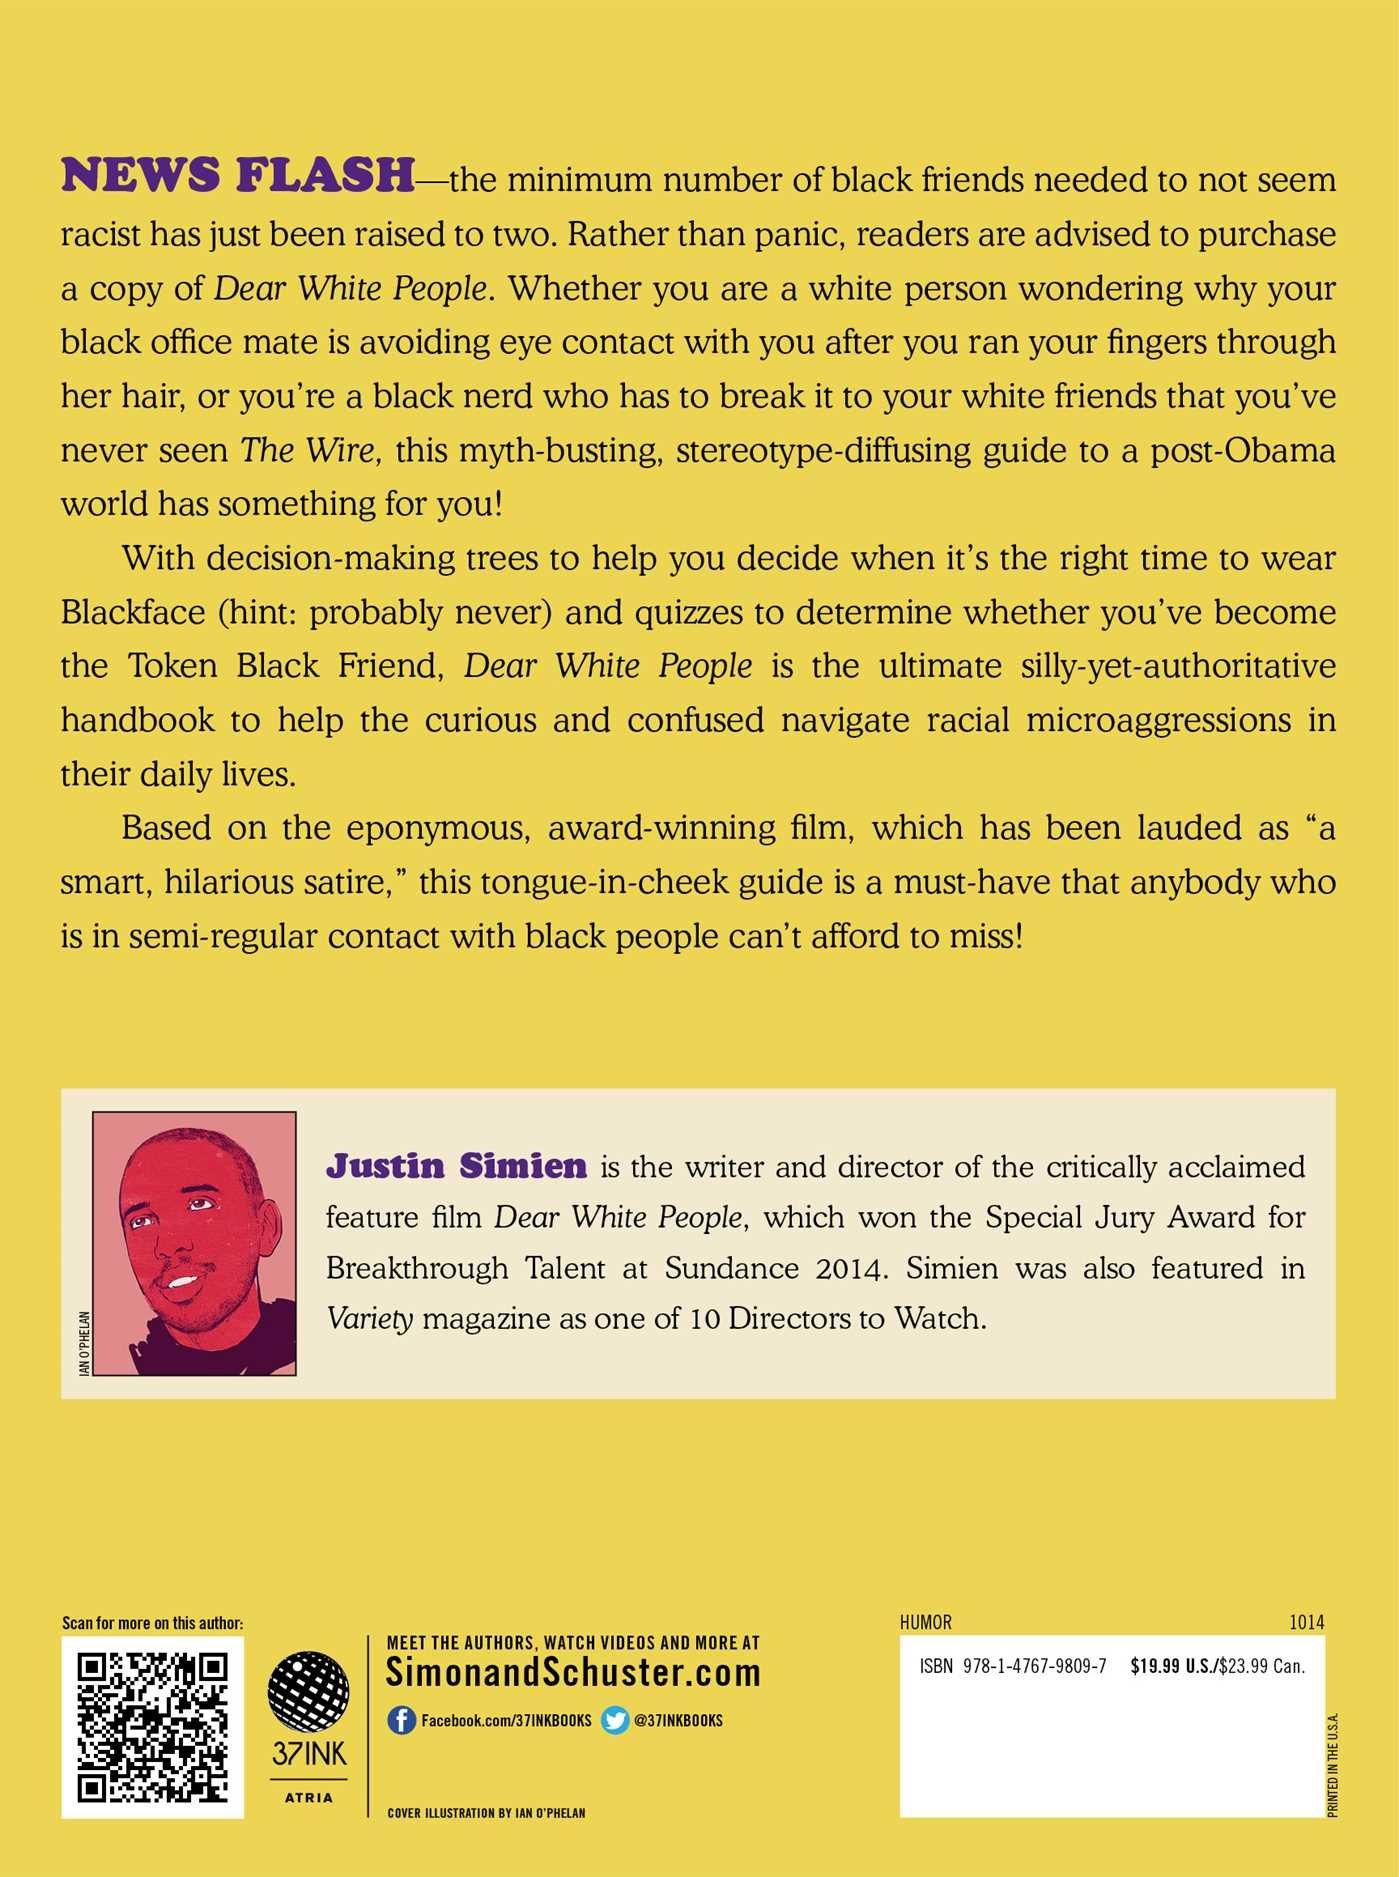 Dear White People: Justin Simien, Ian O'phelan: 9781476798097: Amazon:  Books